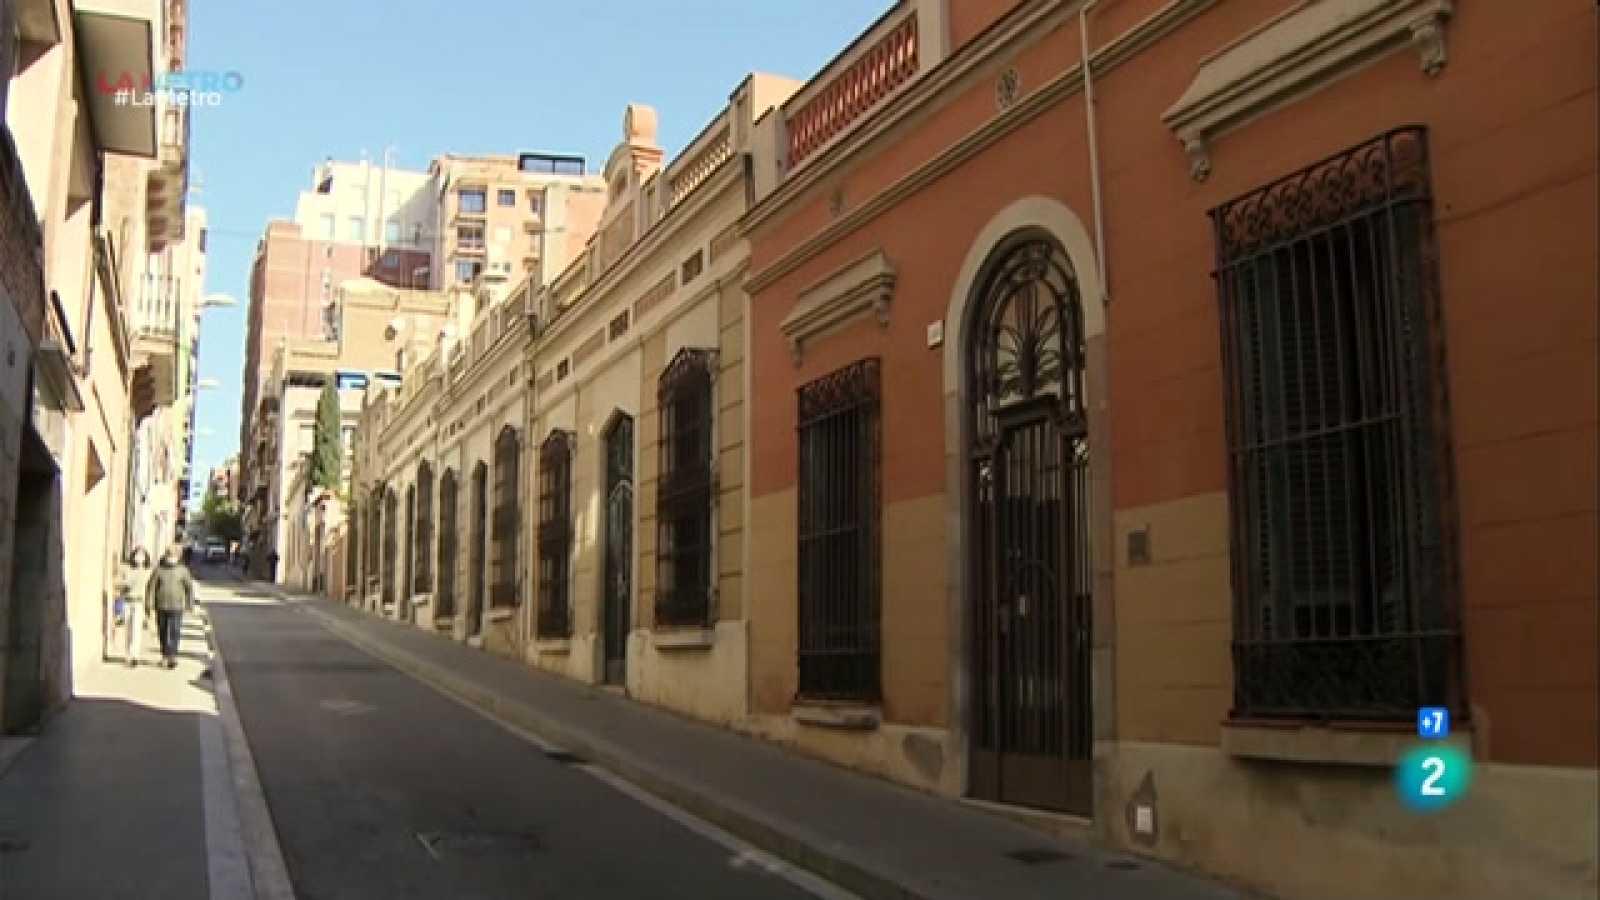 Anem a Gràcia, a Barcelona, on els veïns s'ha mobilitzat per preservar el patrimoni històric del barri amb l'objectiu que Gràcia mantingui el seu esperit de poble.